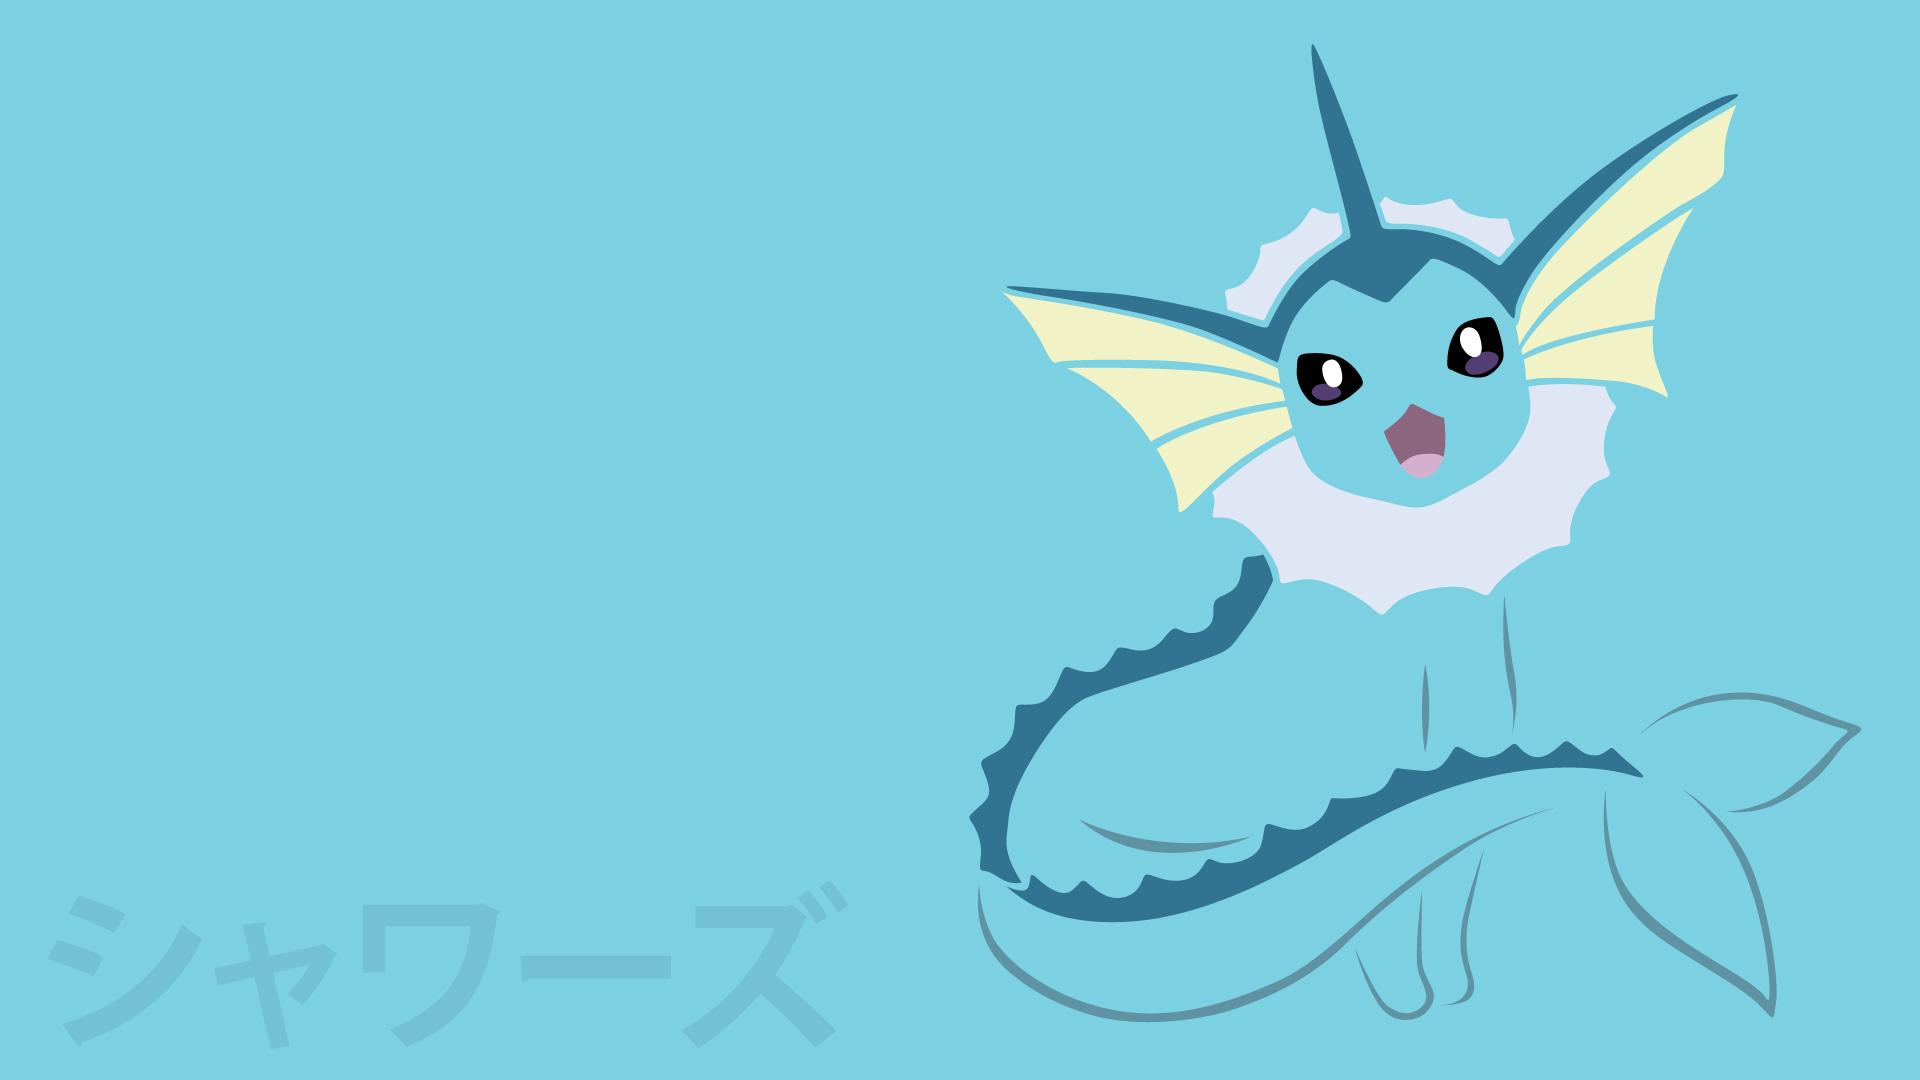 pokemon wallpaper hd 3d